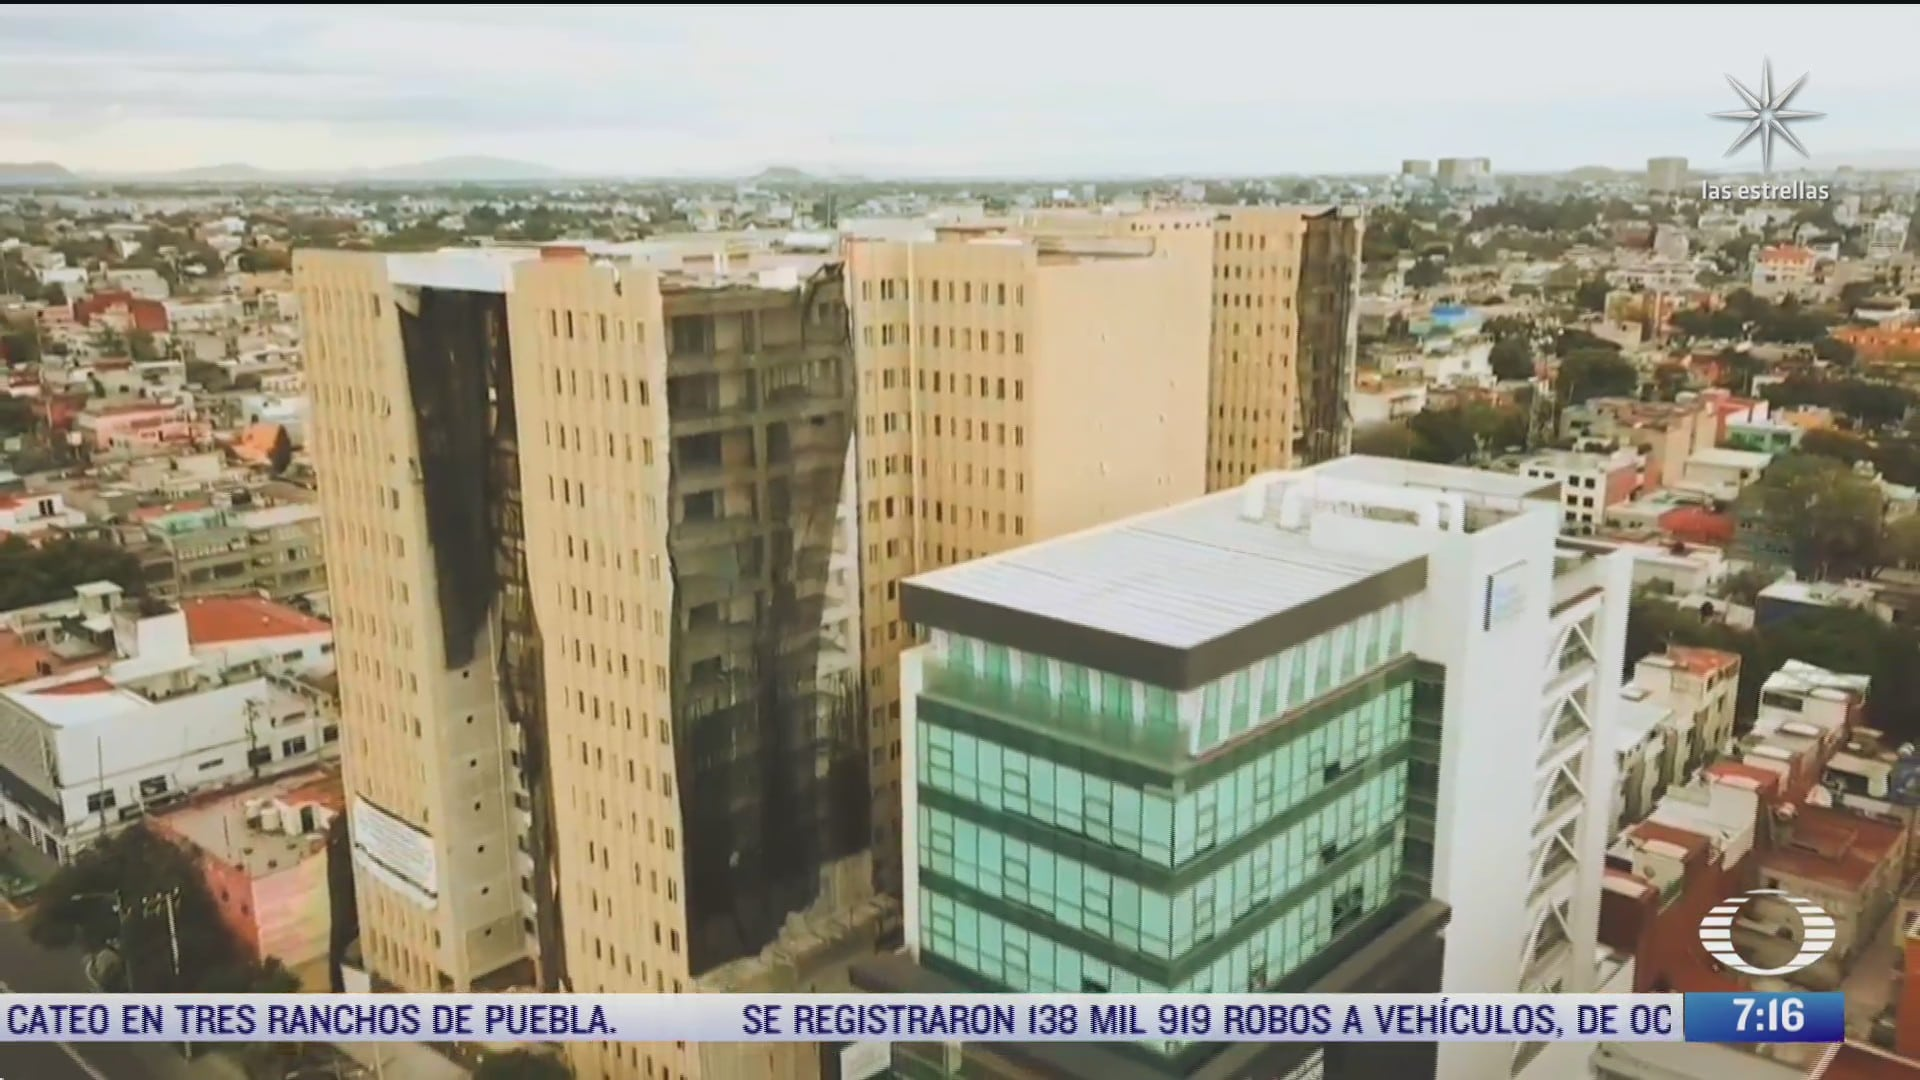 390 familias no han podido regresar a sus departamentos en tlalpan tras sismo de